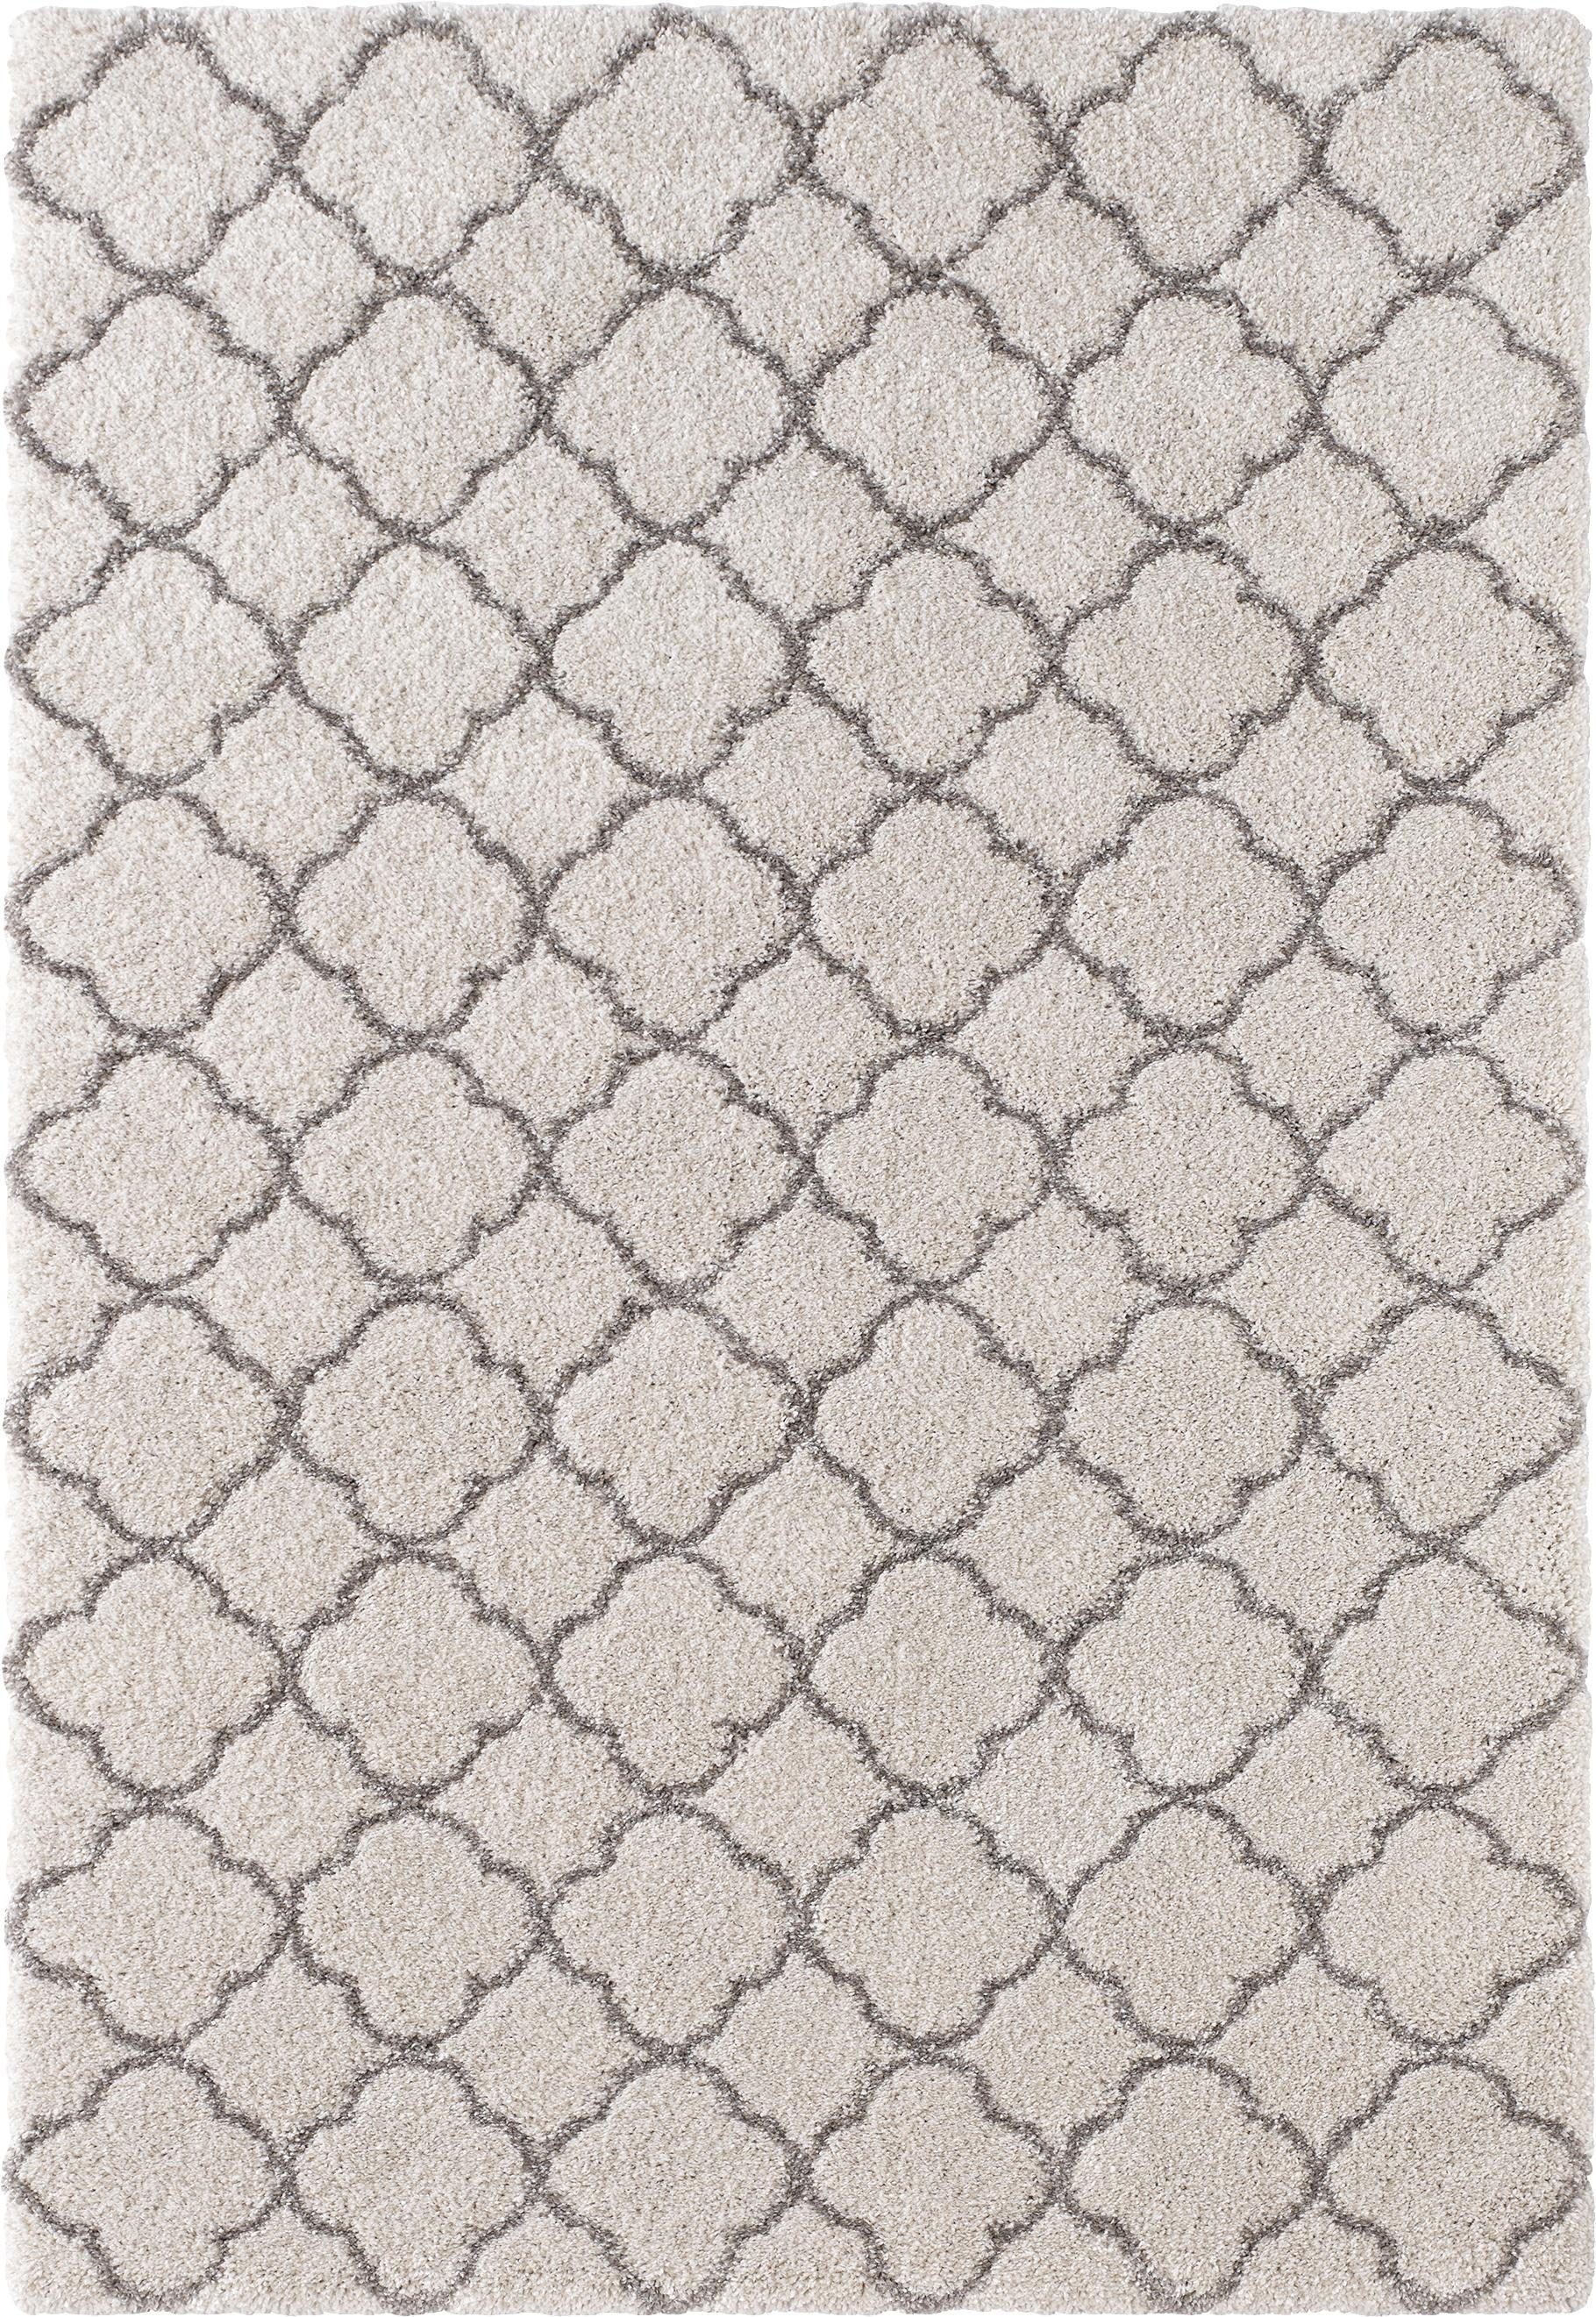 Tappeto a pelo corto crema-grigio Grace, Retro: juta, Crema, grigio, Larg. 80 x Lung. 150 cm (taglia XS)